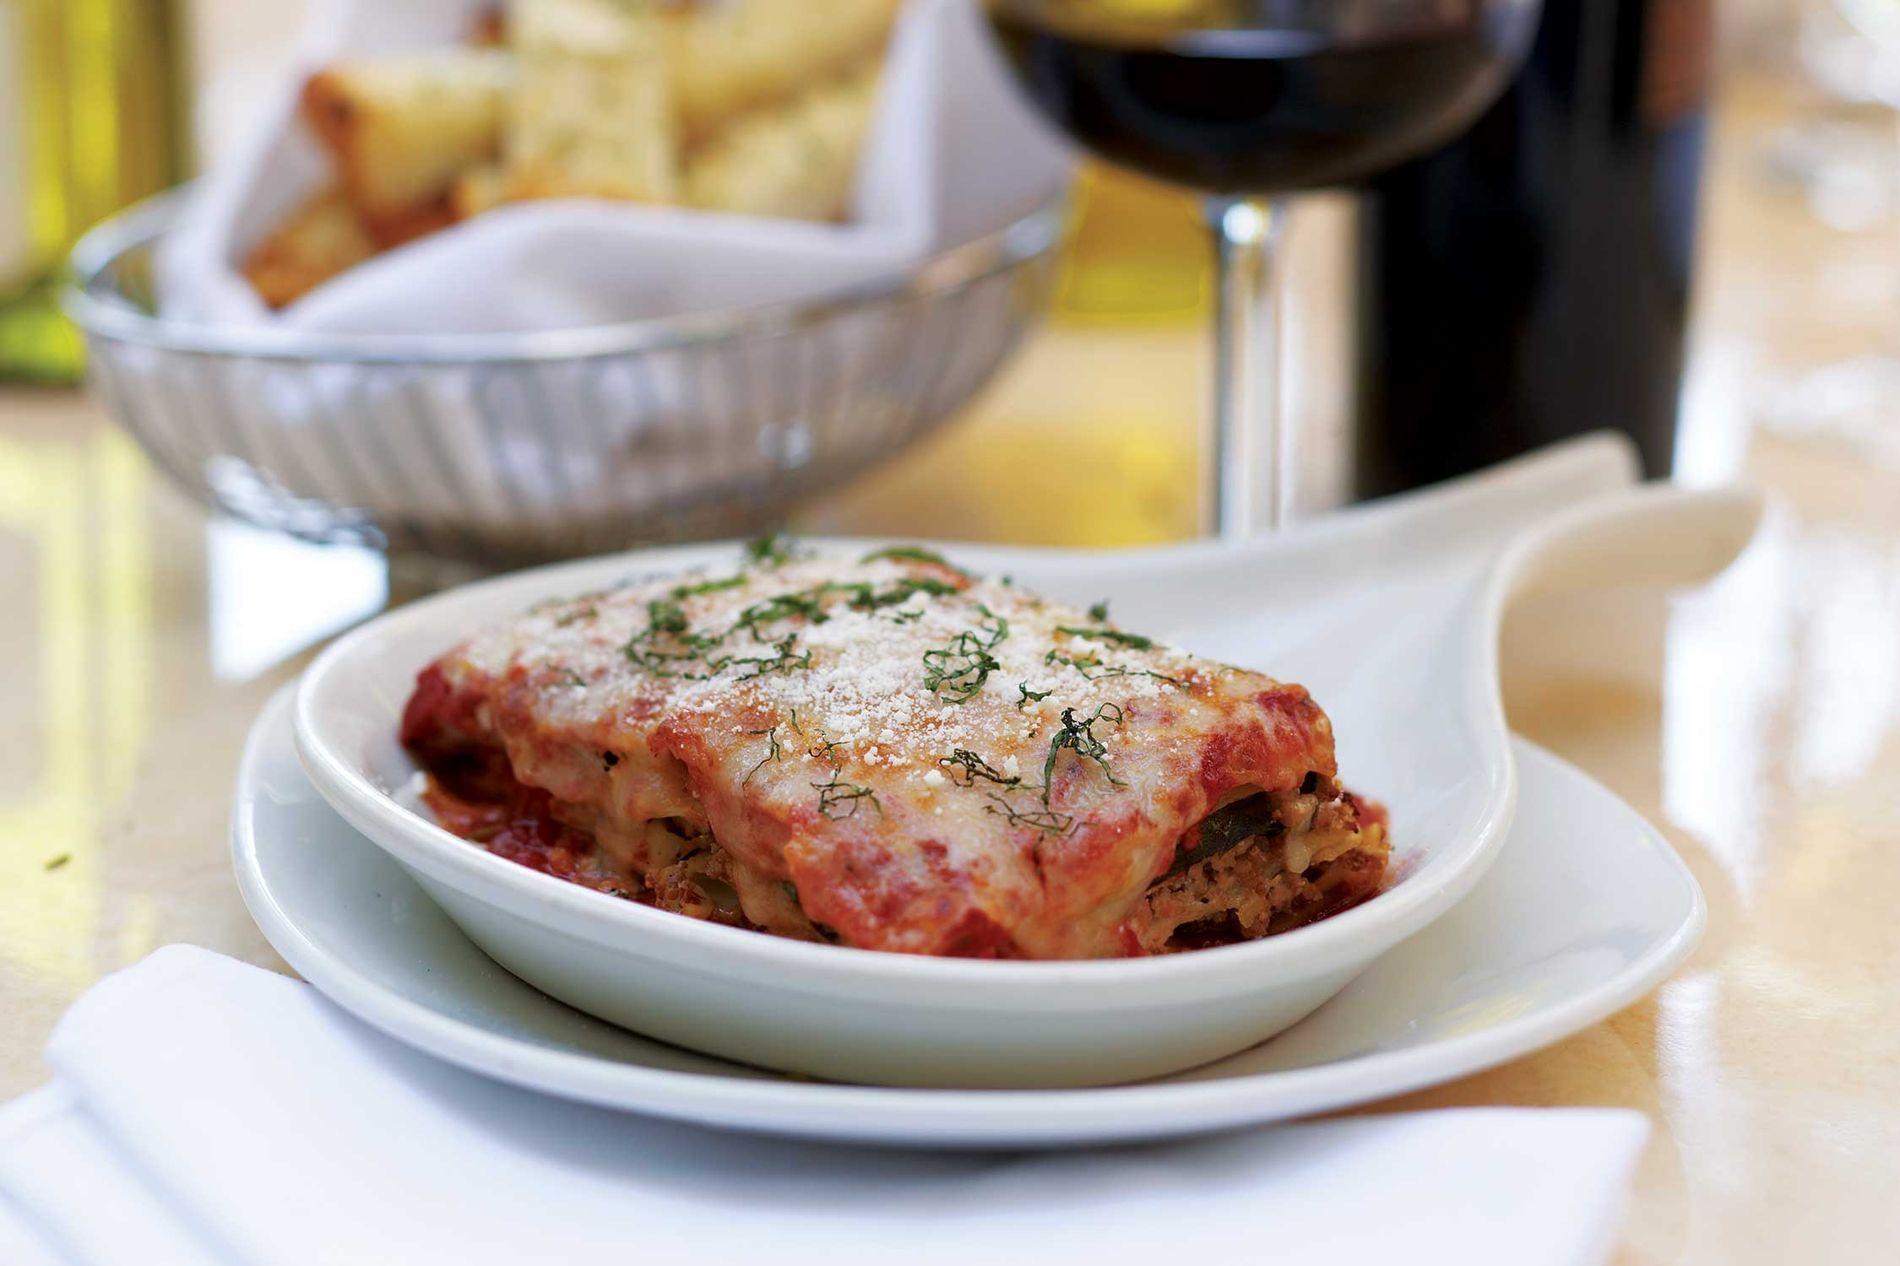 plate of lasagna